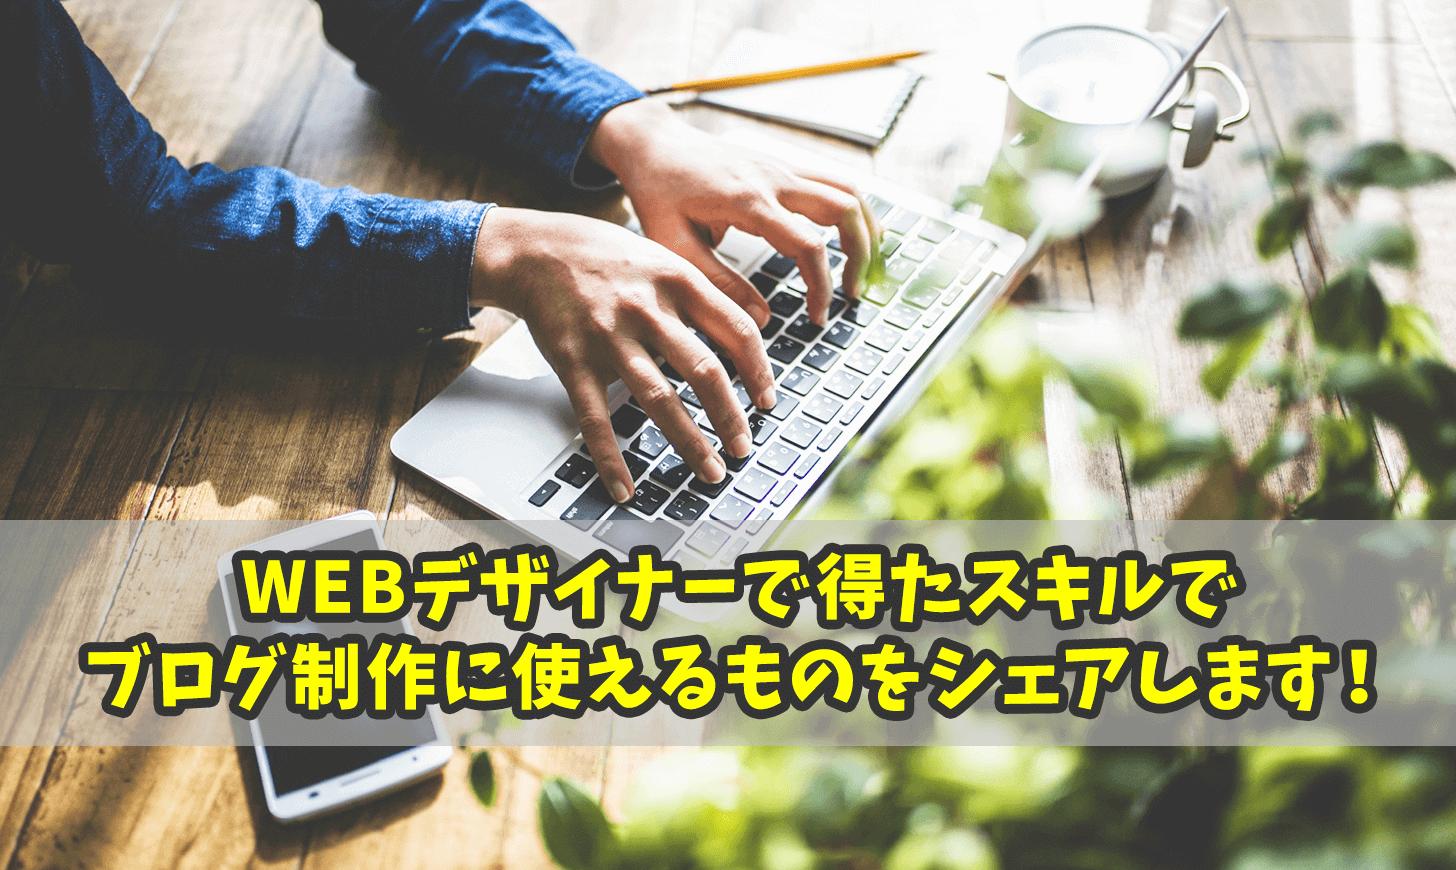 WEBデザイナー ブログ制作 機能